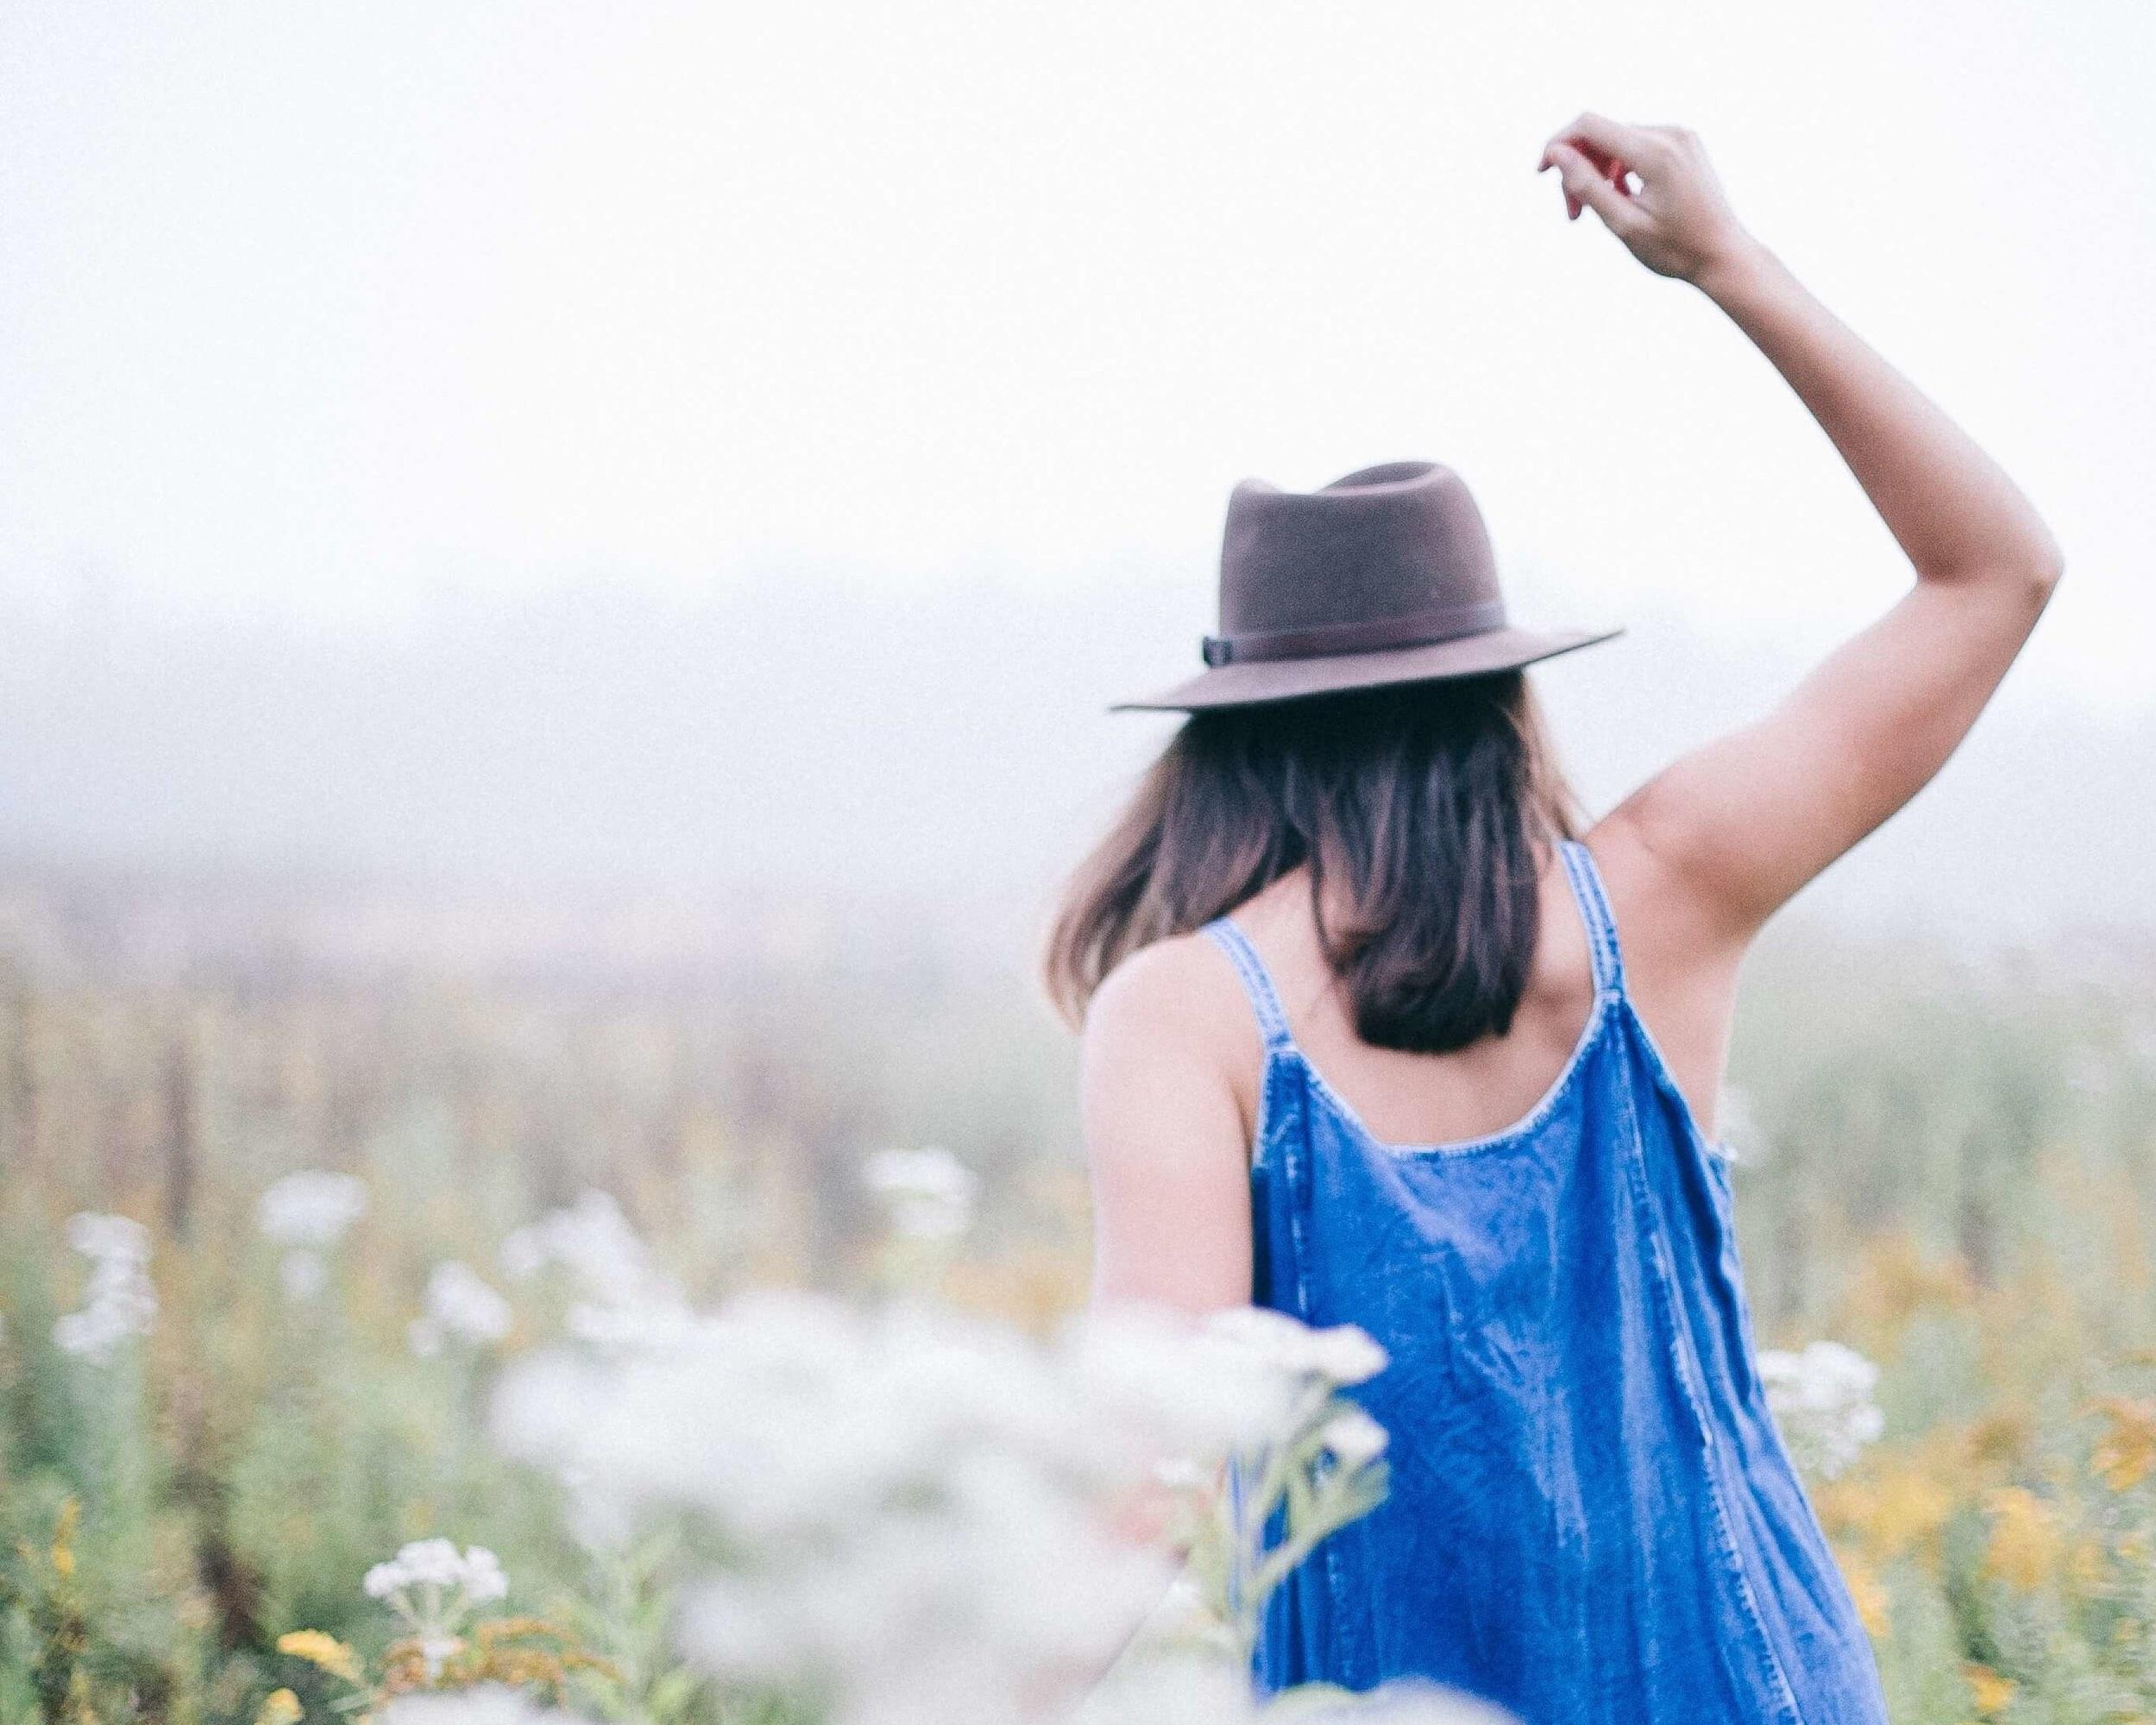 AYURVEDA-HOIDOT PITTALLE - Mandarin Span mieltä ja kehoa hoitavat luonnonmukaiset ayurveda-hoidot tasapainottavat.Suosittelemme puhdistavaa Harmonia ayurveda-kasvohoitoa sekä Nirvana-vartalohoitoa.